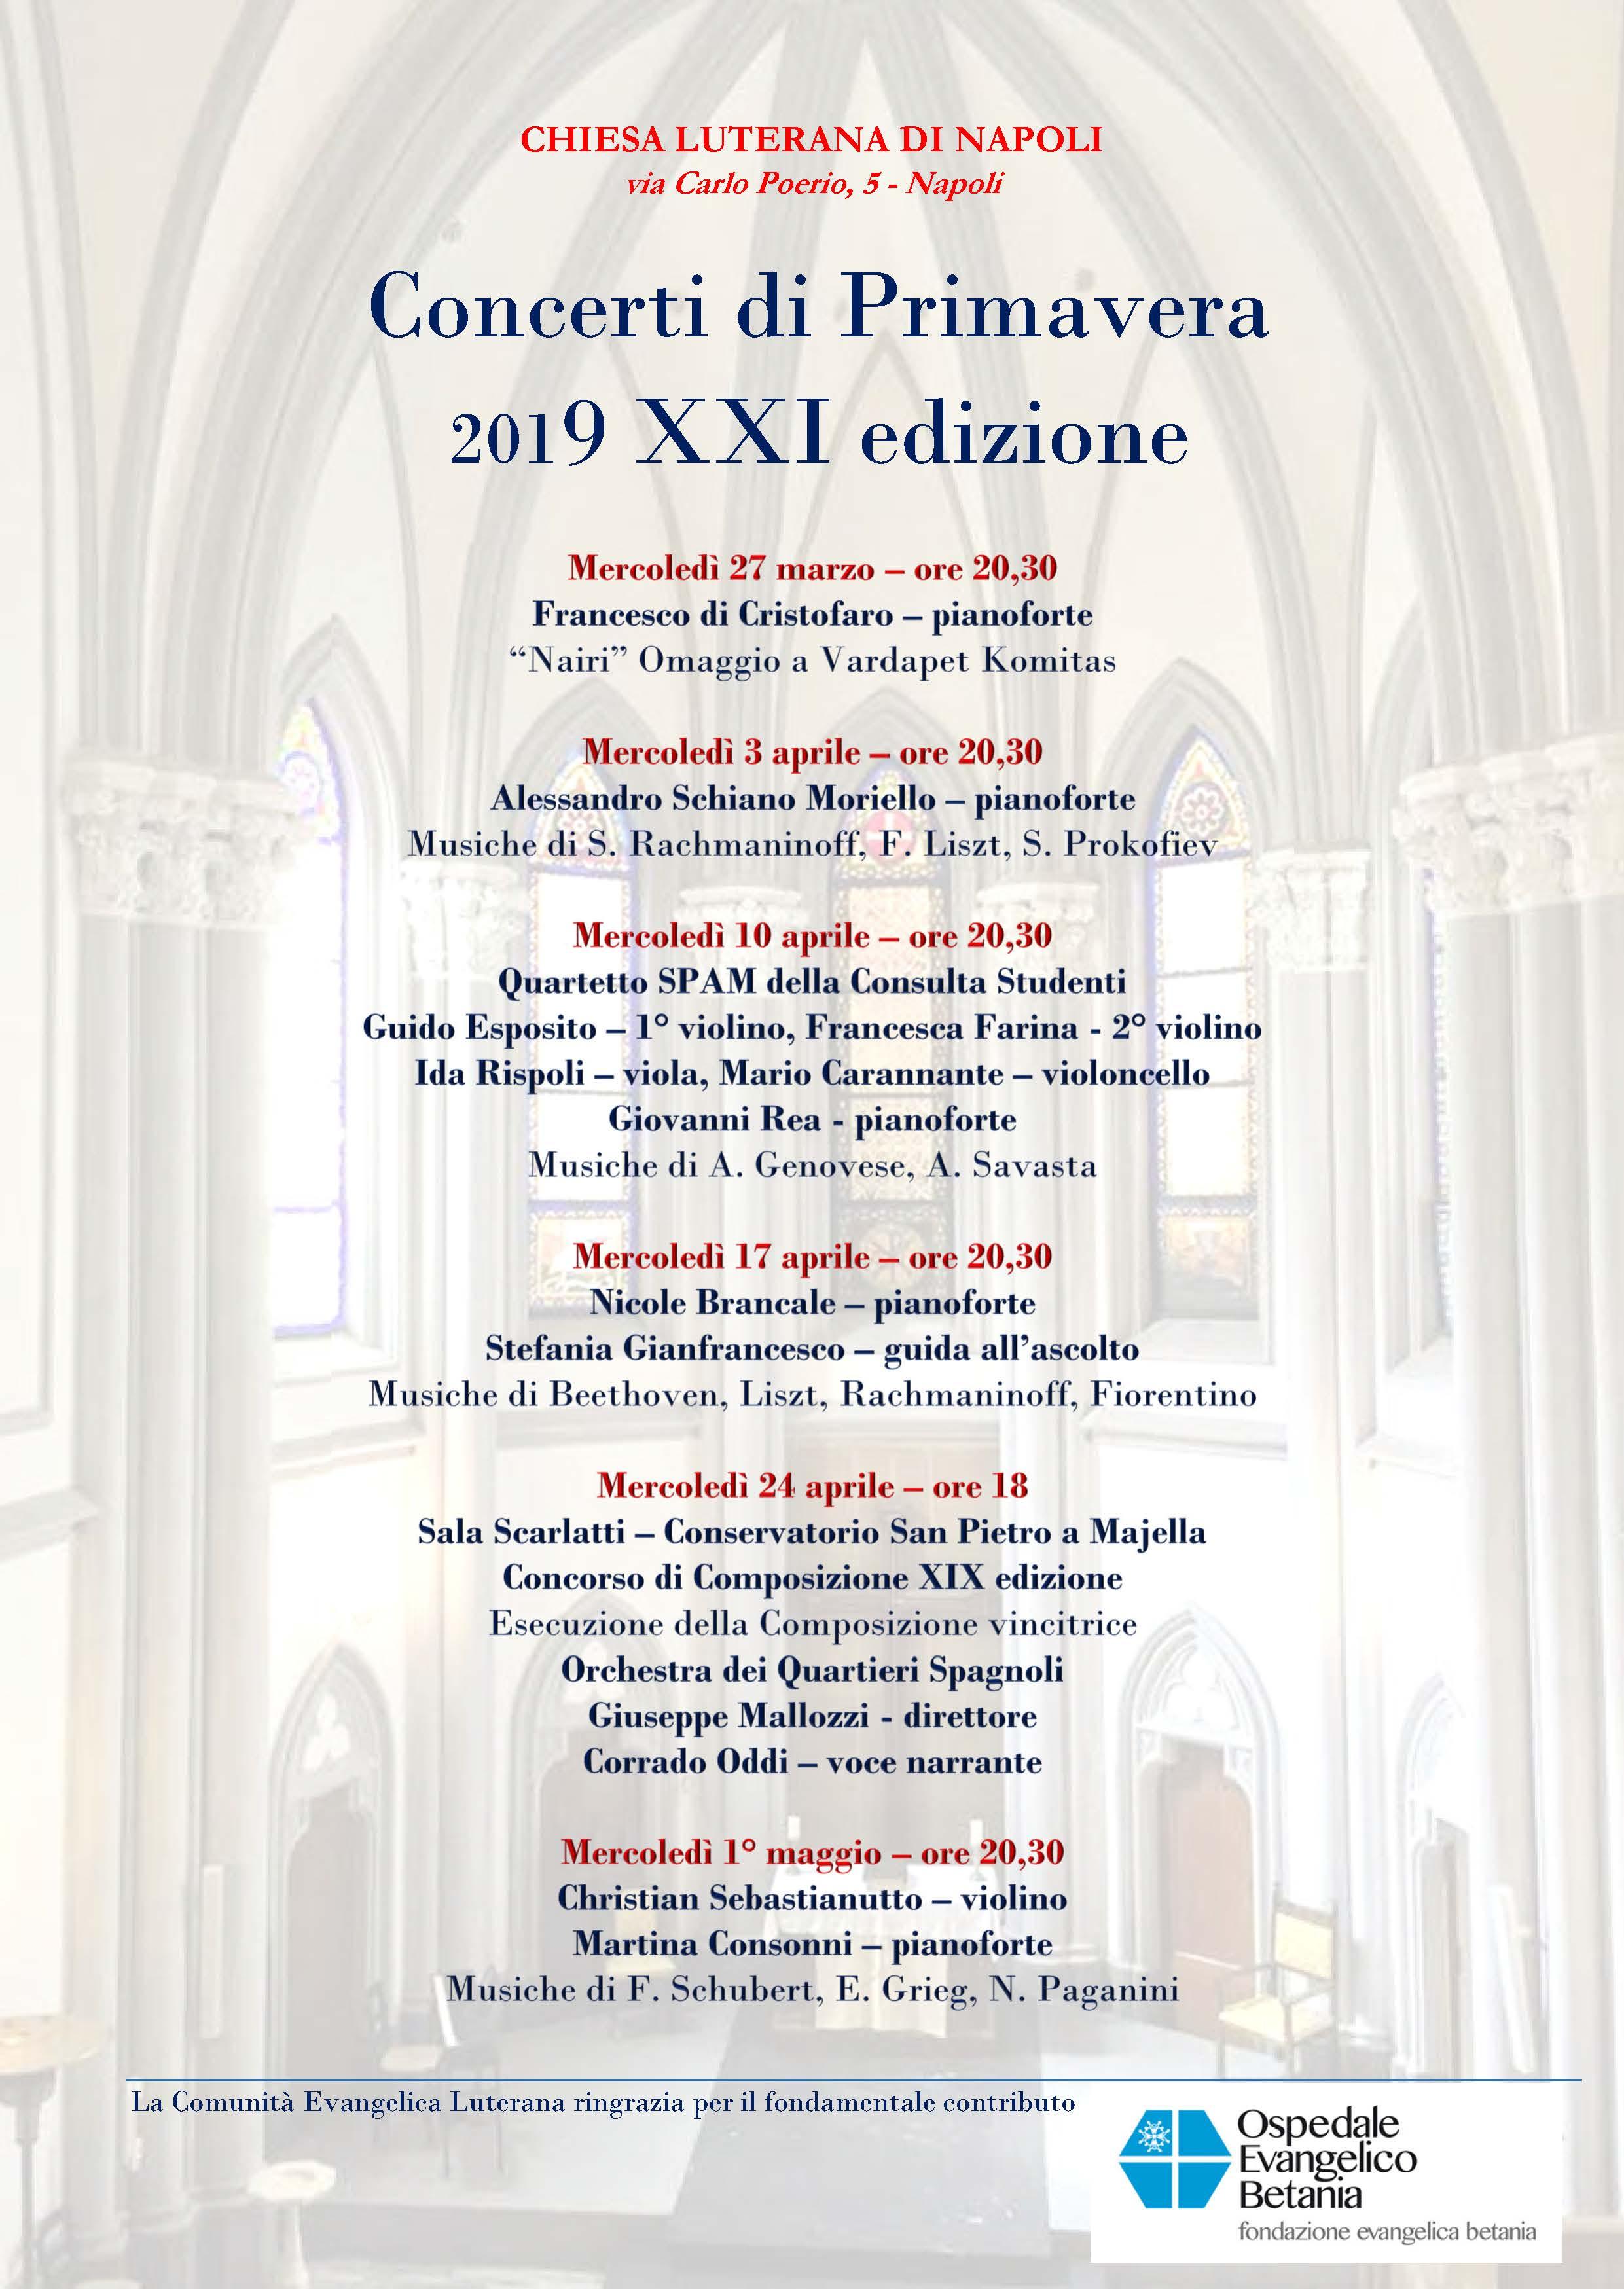 Giada Sciortino Calendario 2020.Luciana Renzetti Comunita Evangelica Luterana Di Napoli